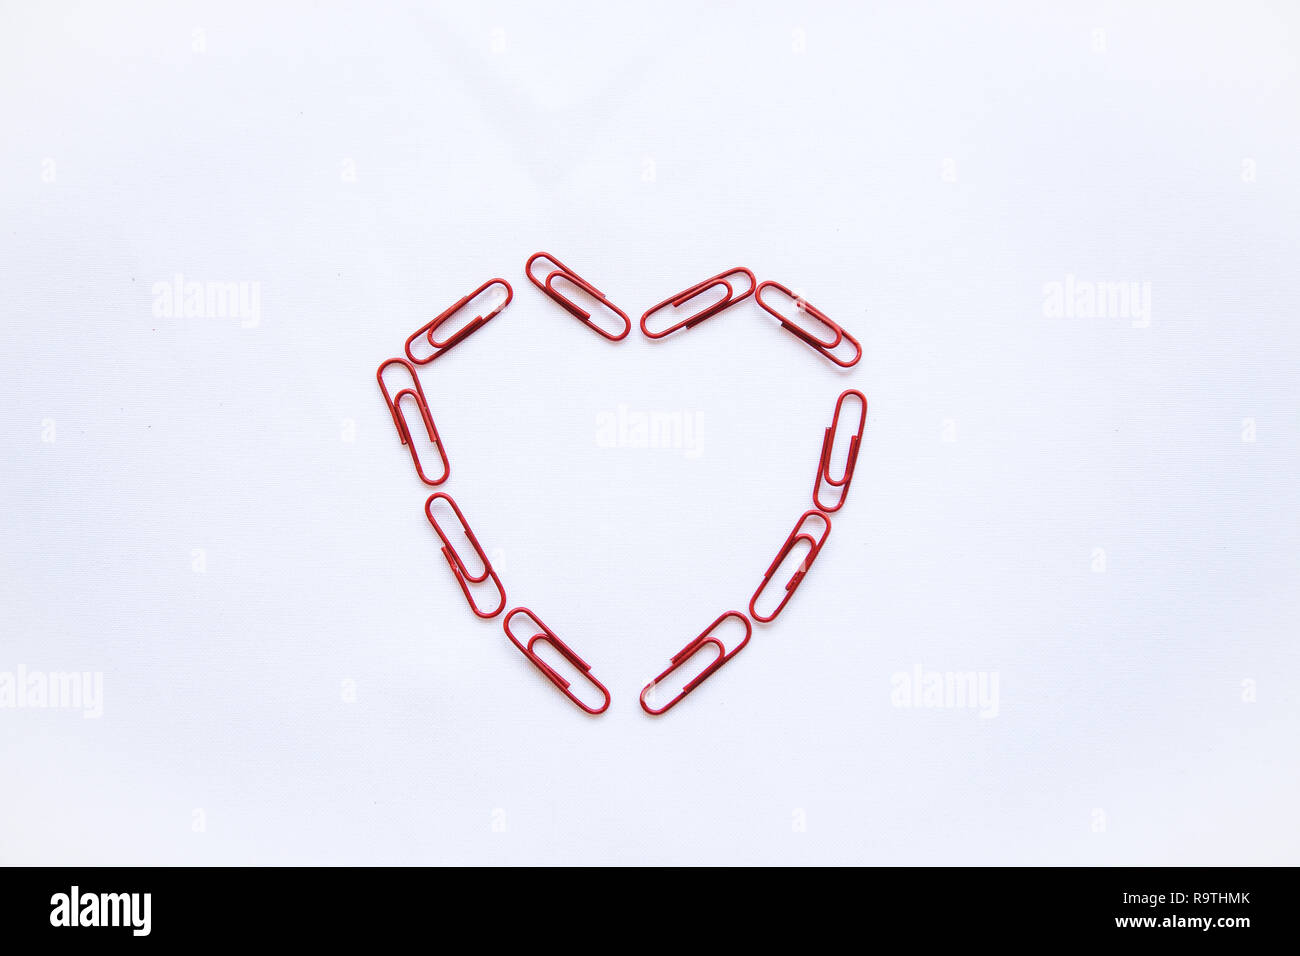 Des agrafes disposées en forme de cœur sur un fond blanc. Valentine's Day celebration concept dans un style minimaliste. Photo Stock